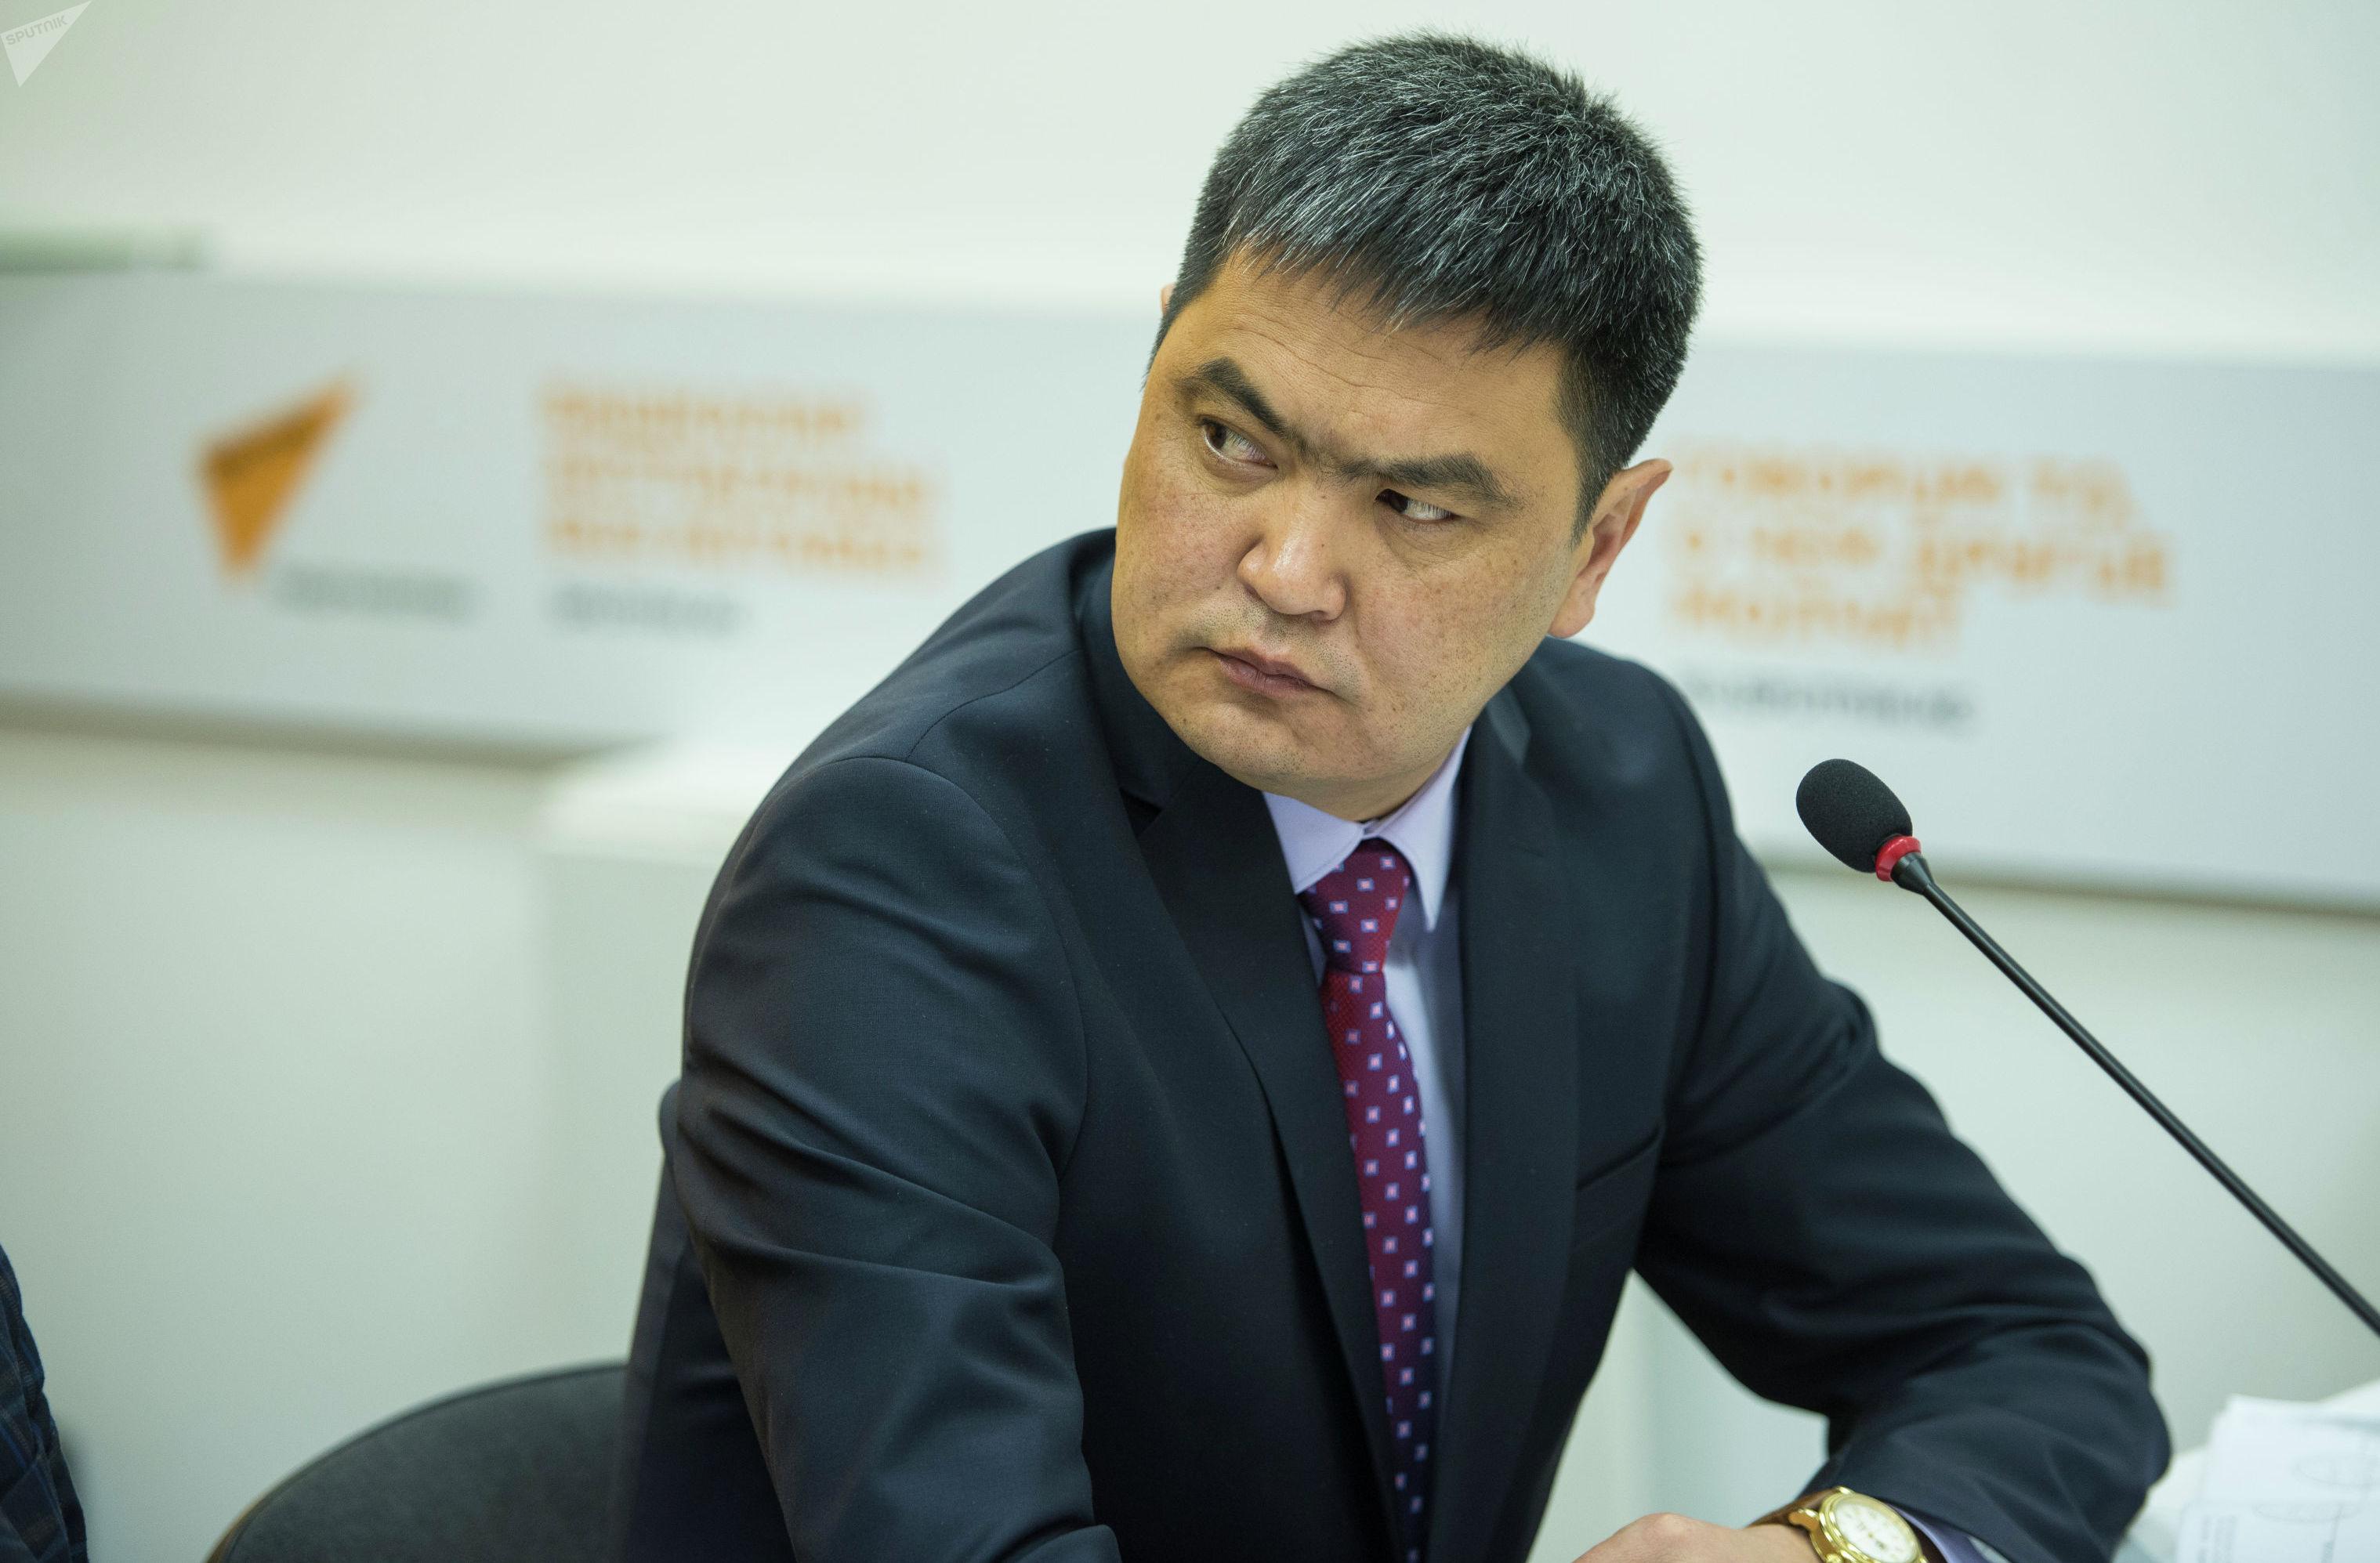 Аким Иссык-Кульского района Данир Иманалиев на круглом столе в пресс-центре Sputnik Кыргызстан